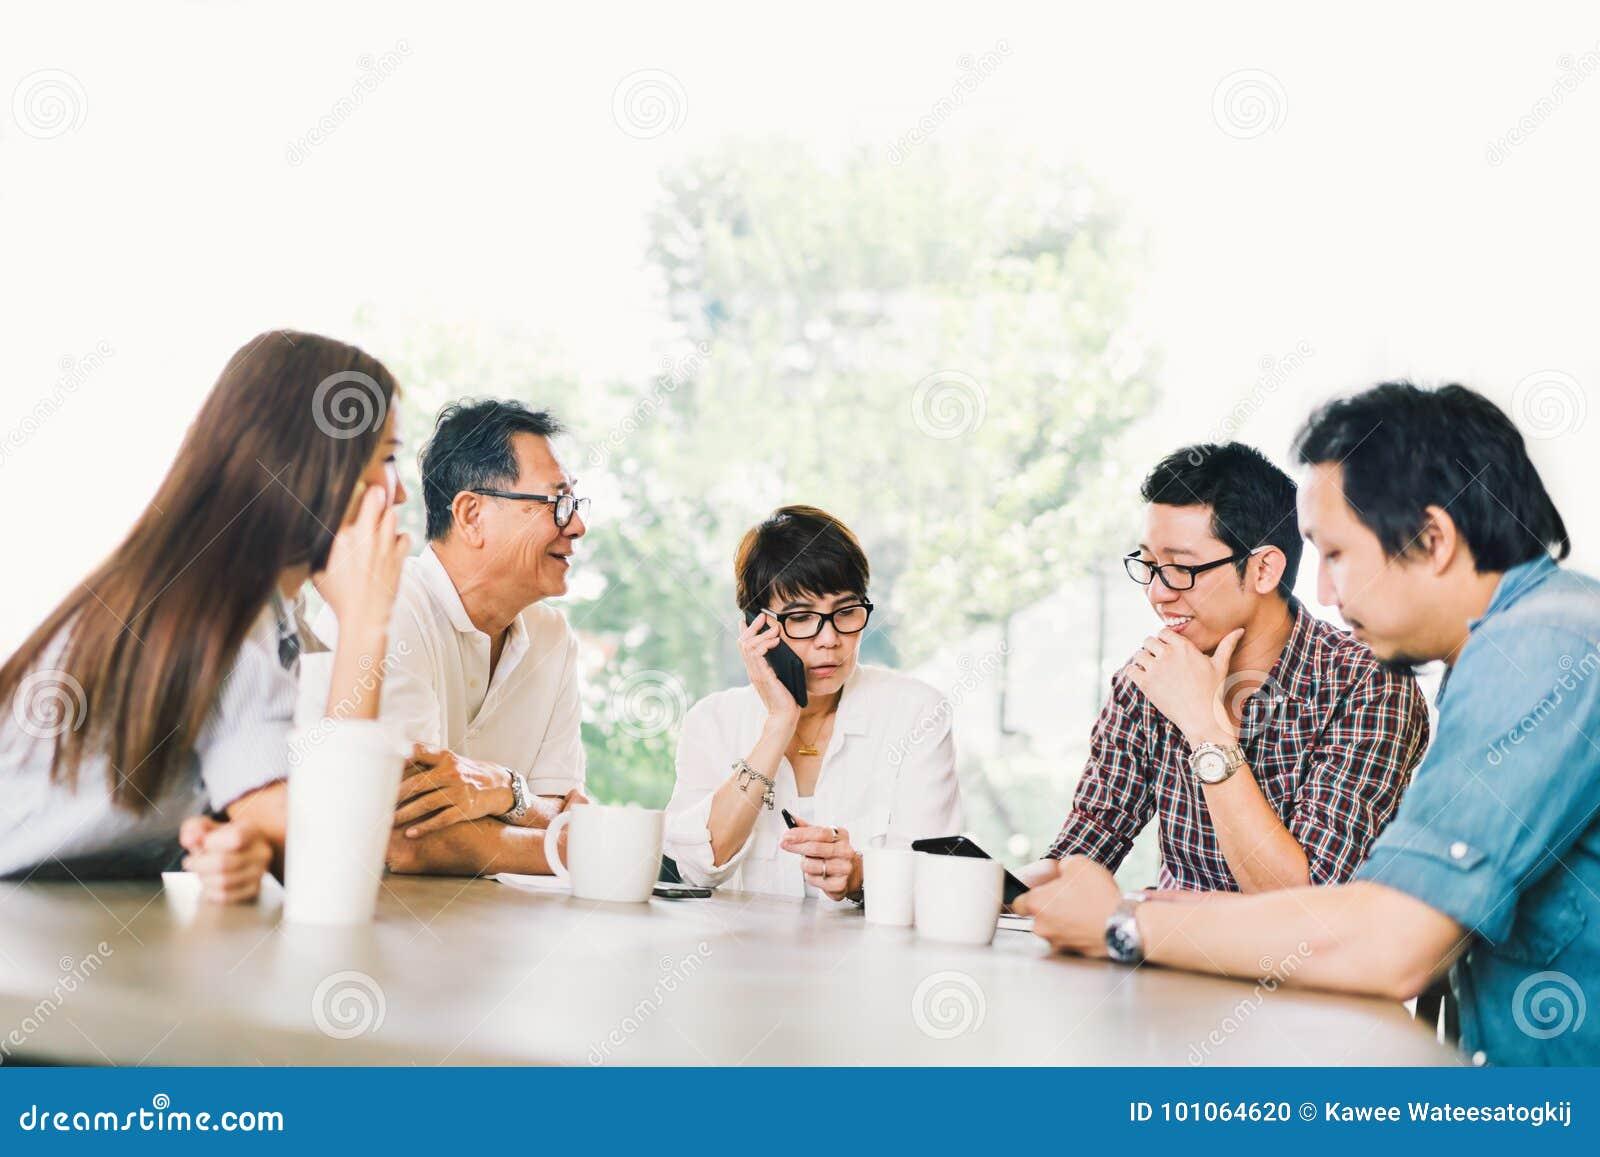 Διαφορετική ομάδα ασιατικού επιχειρησιακού πέντε προσώπου στη συνεδρίαση των ομάδων στη καφετερία ή το σύγχρονο γραφείο Στρατηγικ